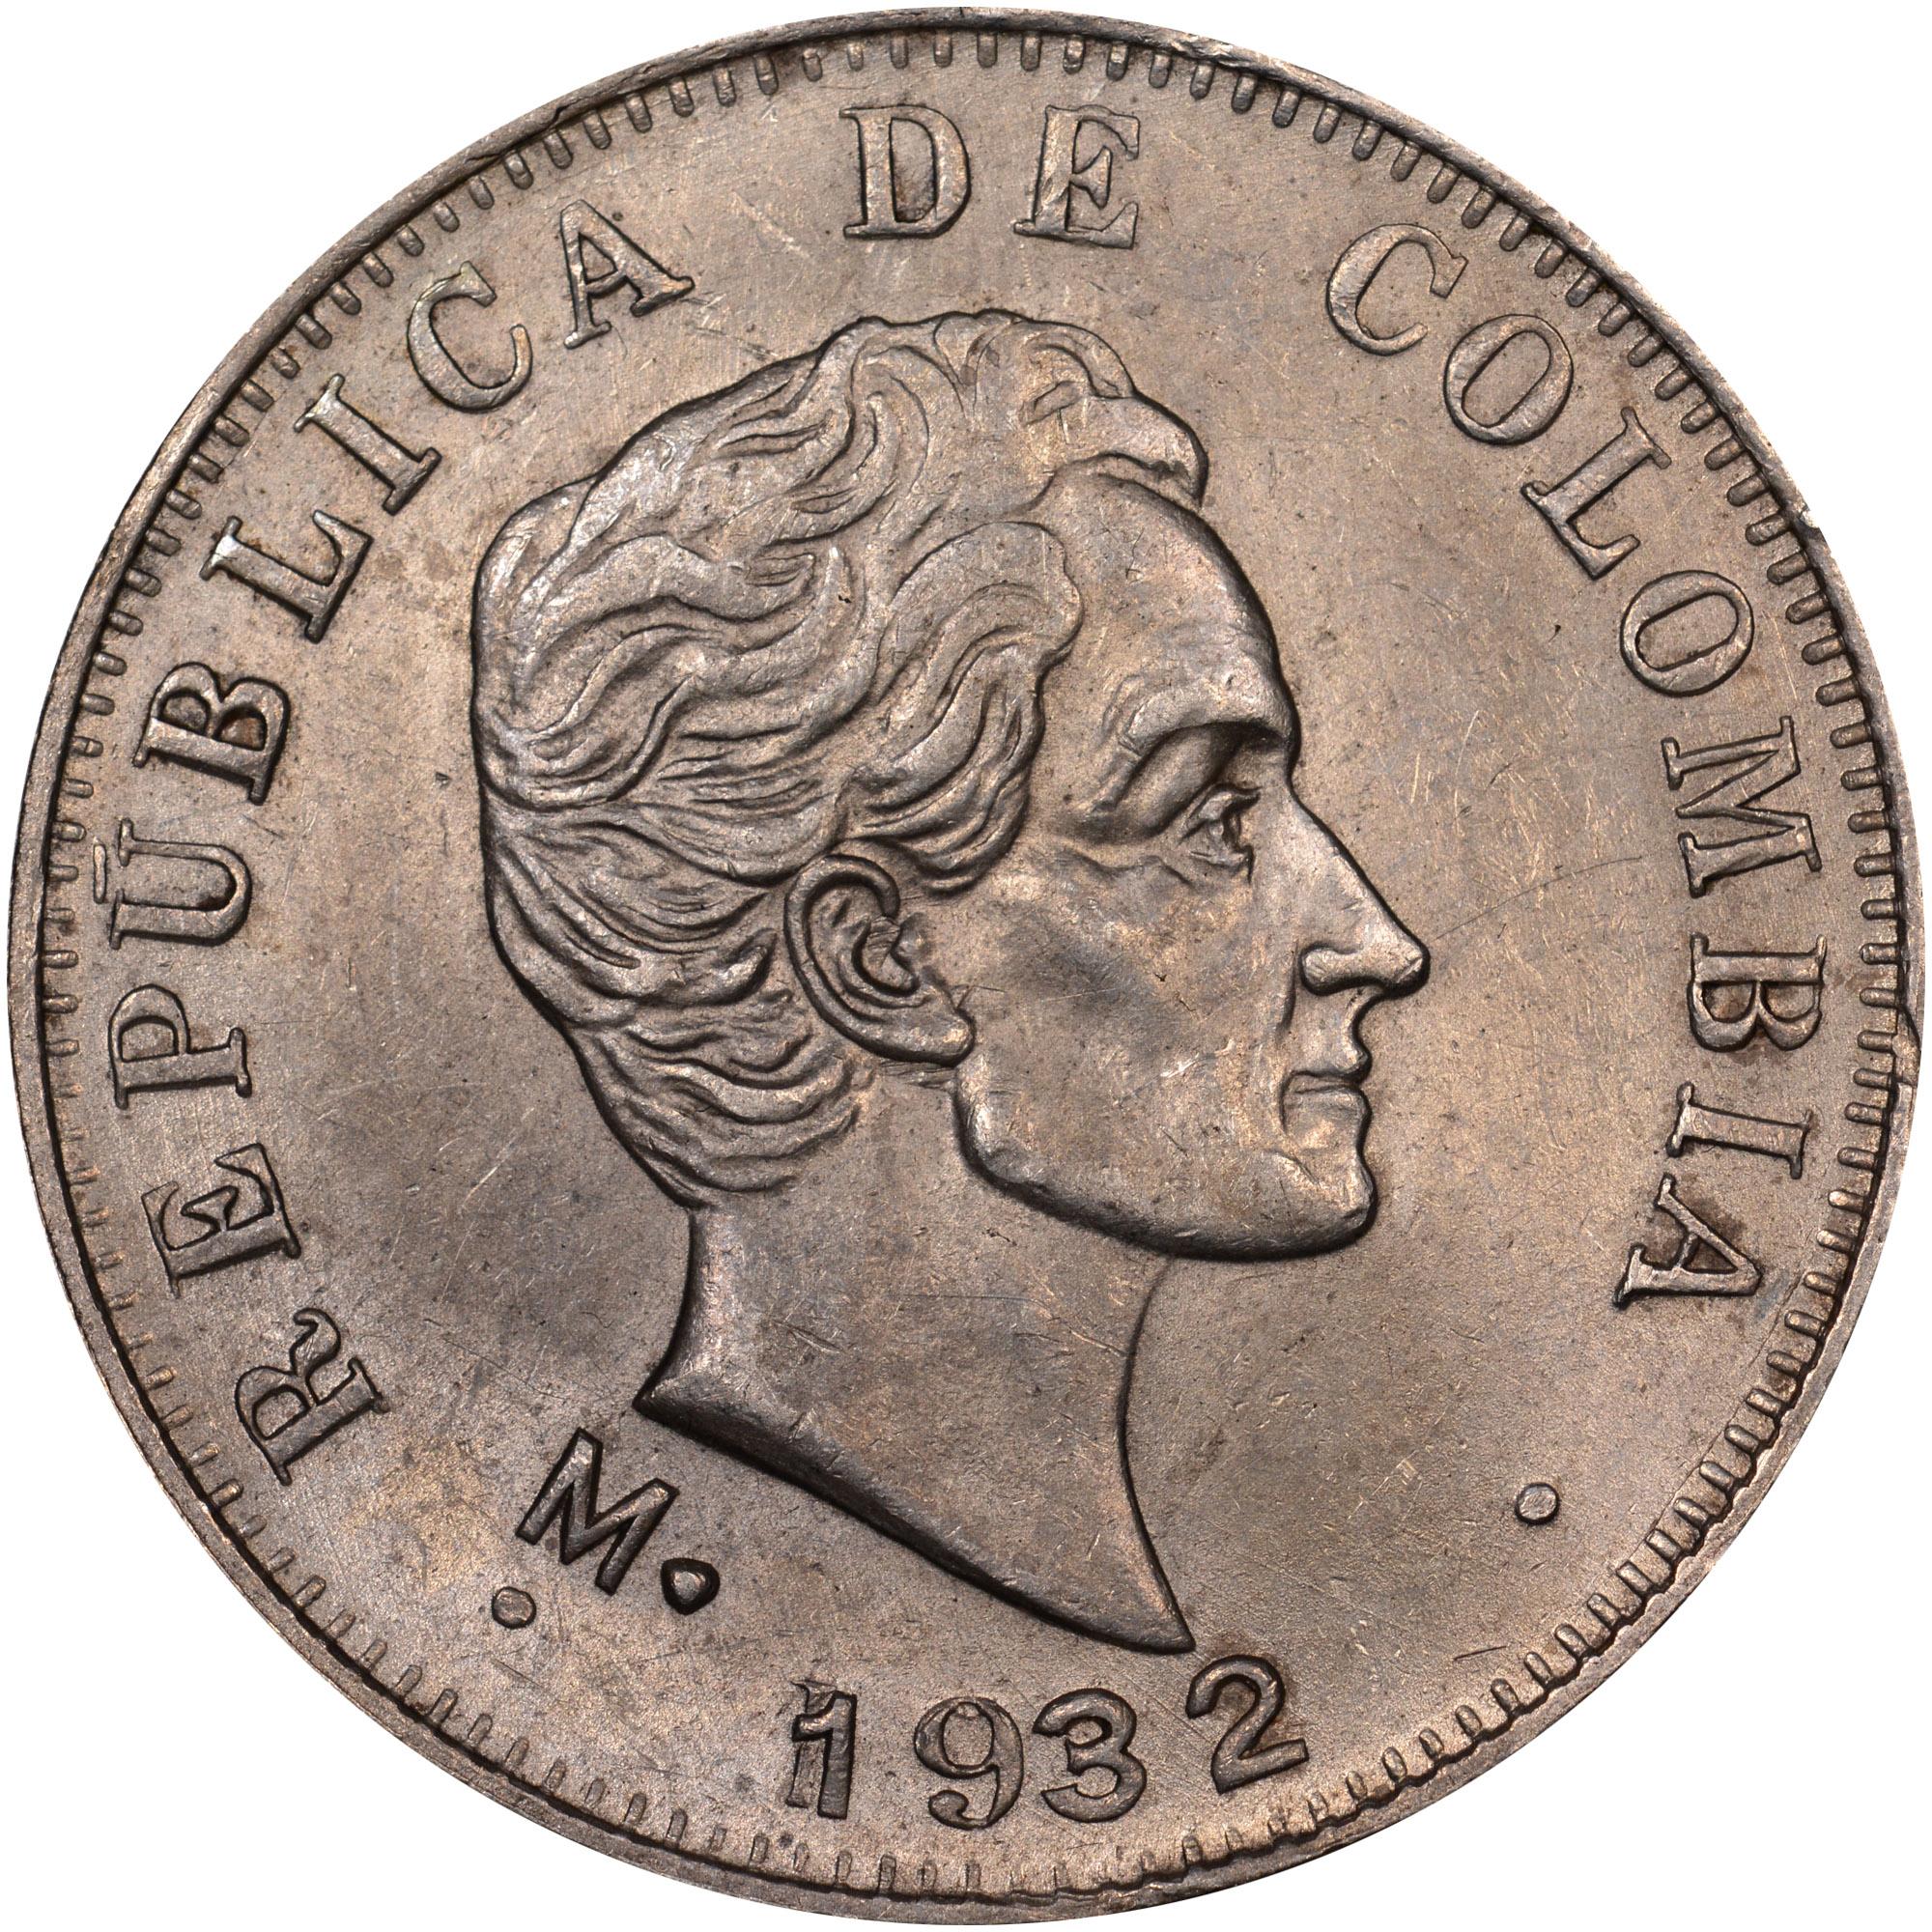 1914-1933/23 Colombia 50 Centavos obverse